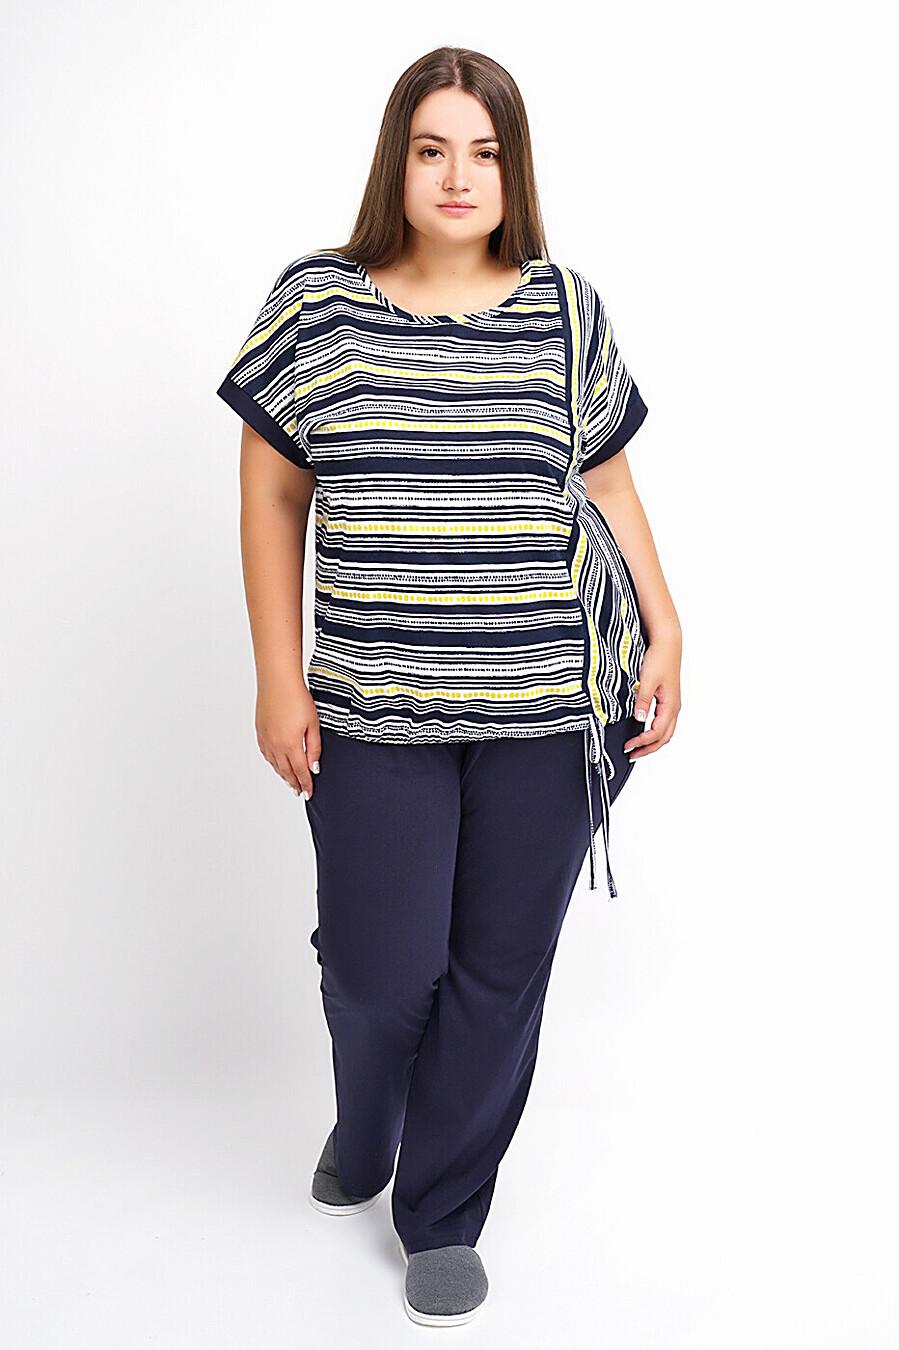 Костюм (футболка+брюки) для женщин CLEVER 272855 купить оптом от производителя. Совместная покупка женской одежды в OptMoyo